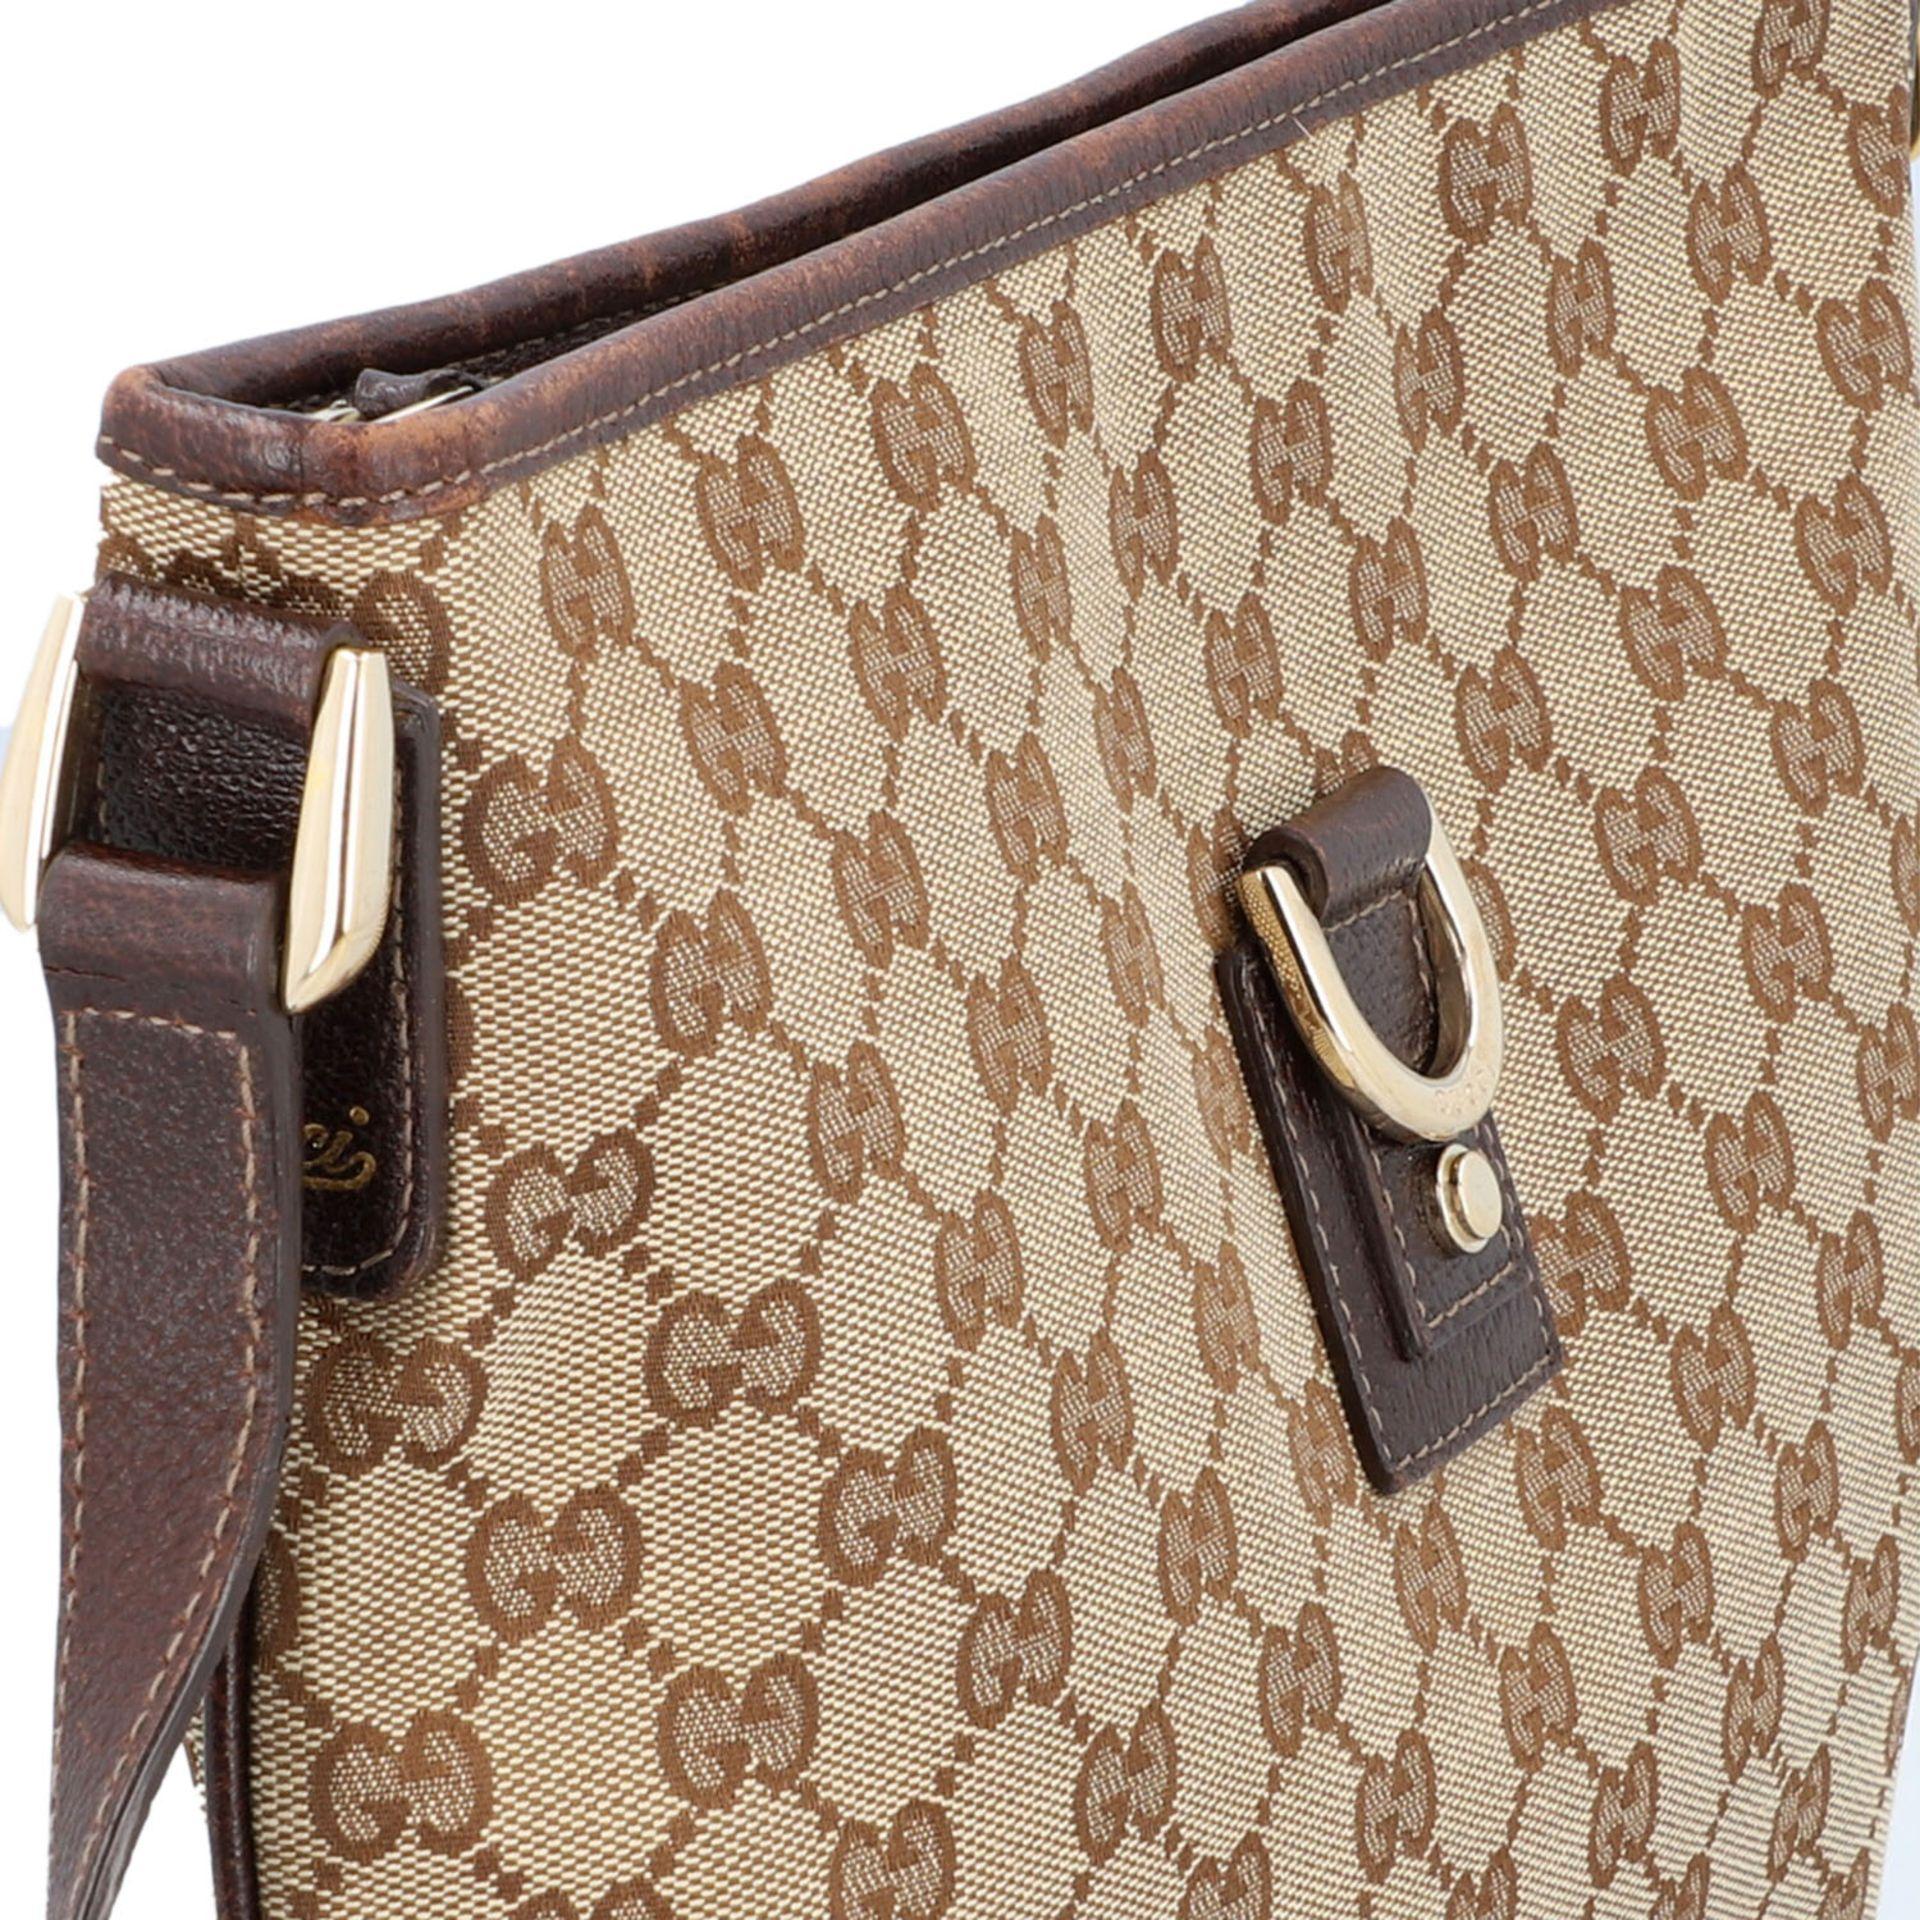 GUCCI Handtasche. Guccissima Design auf Textil in Beige und Braun, braunfarbene Leder- - Image 8 of 8